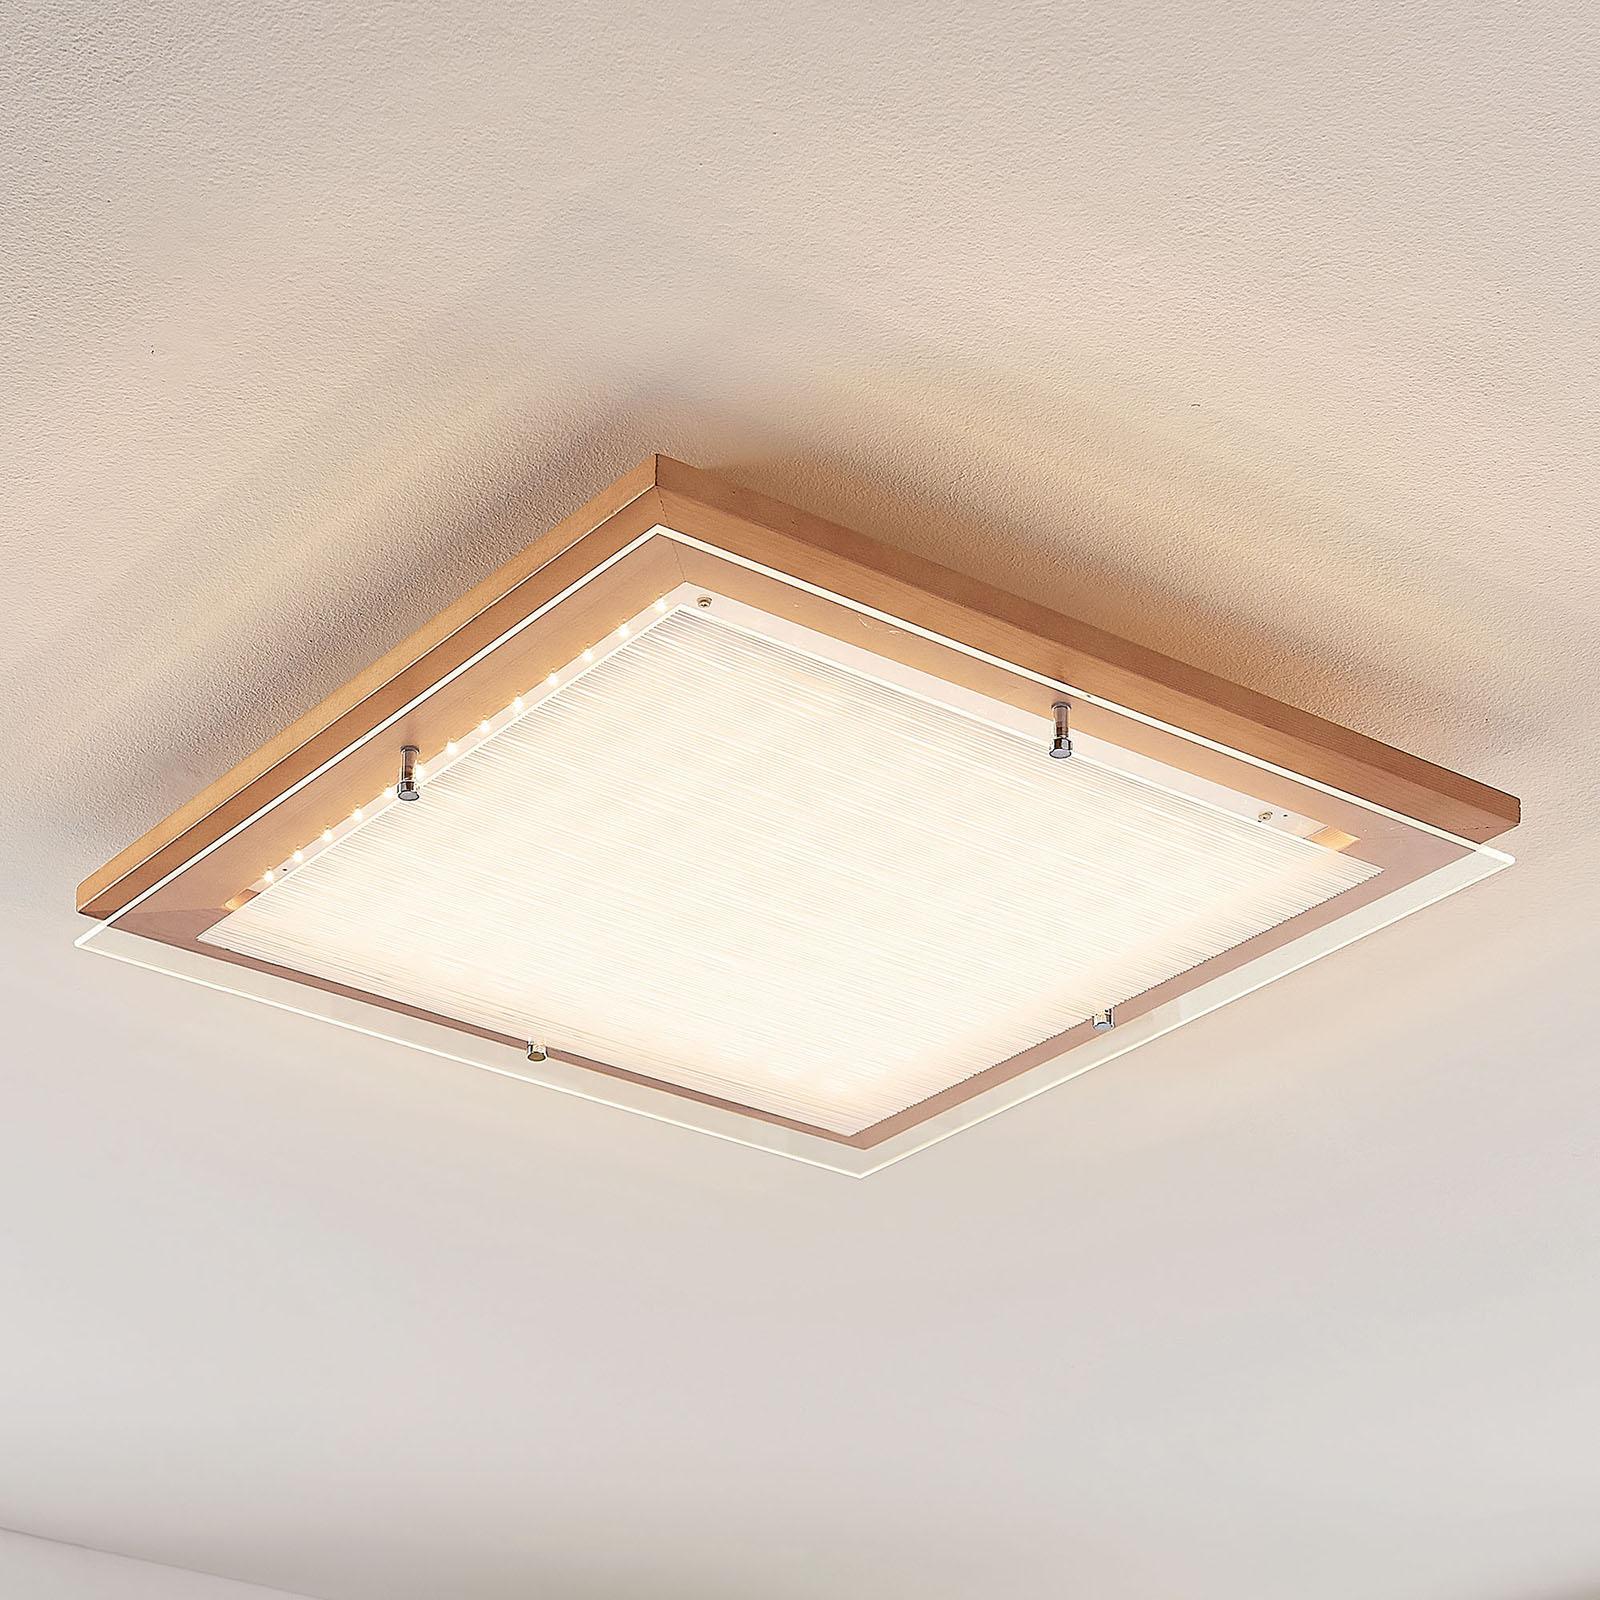 Lampa sufitowa LED Cattleya, 52 cm